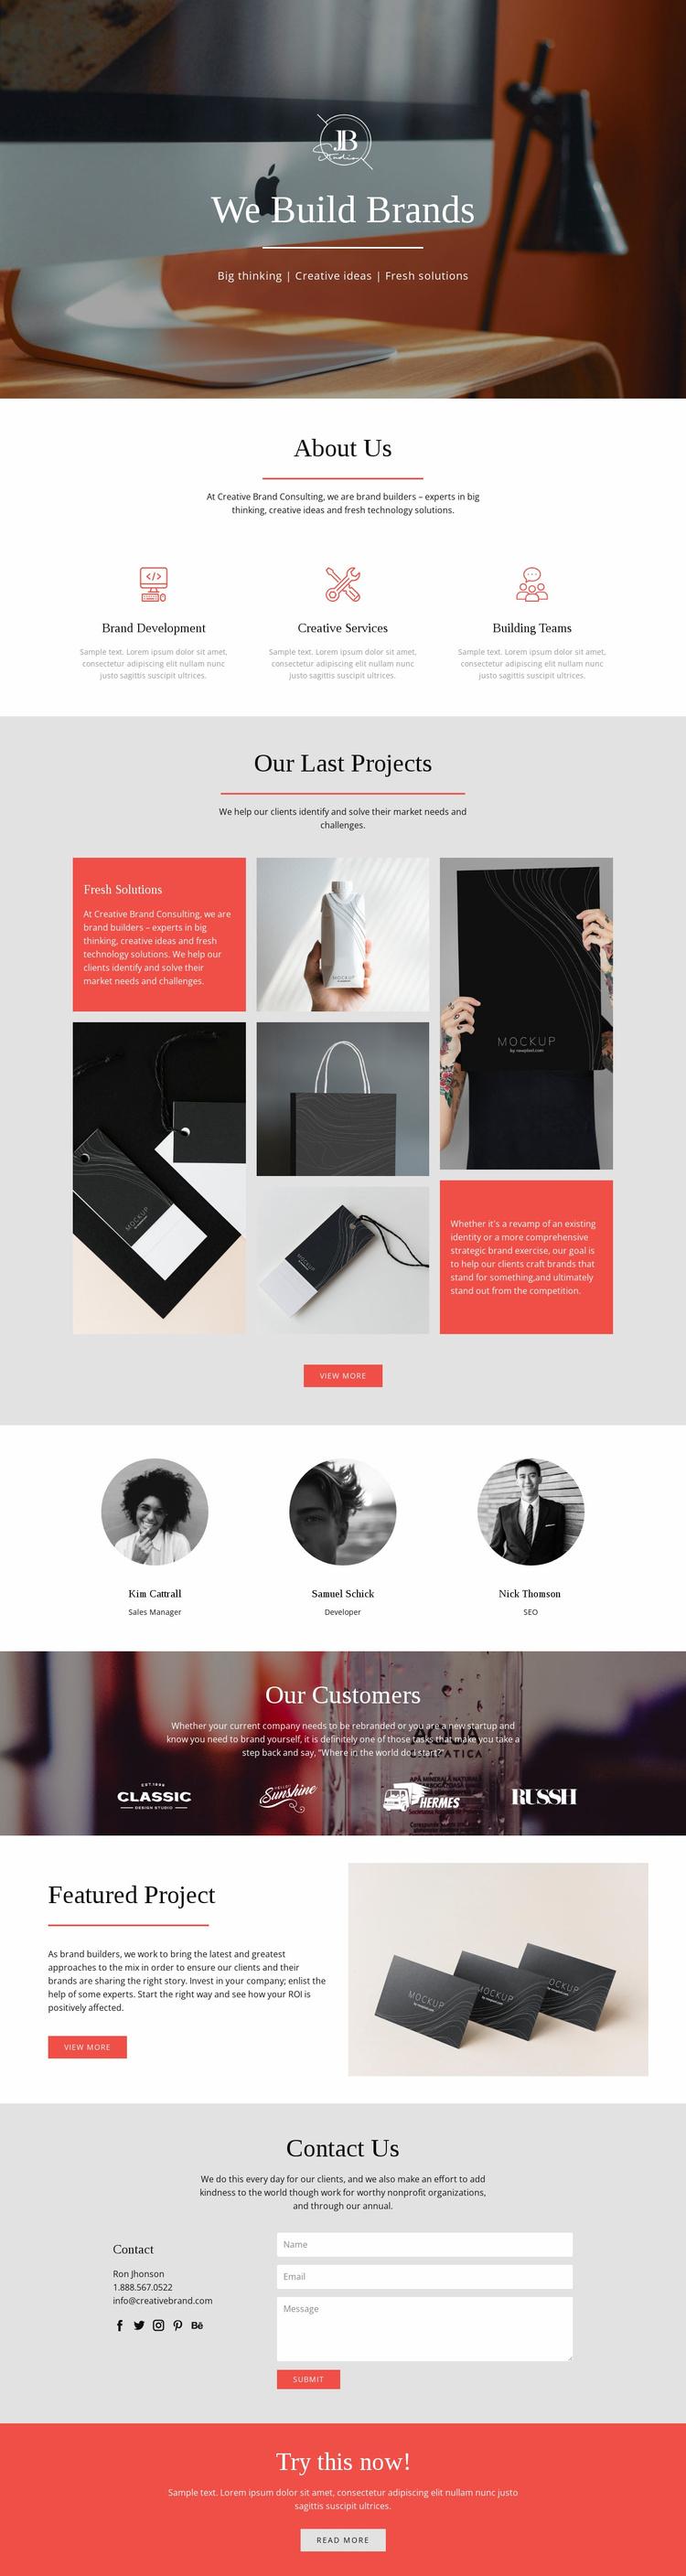 We build brands Website Template